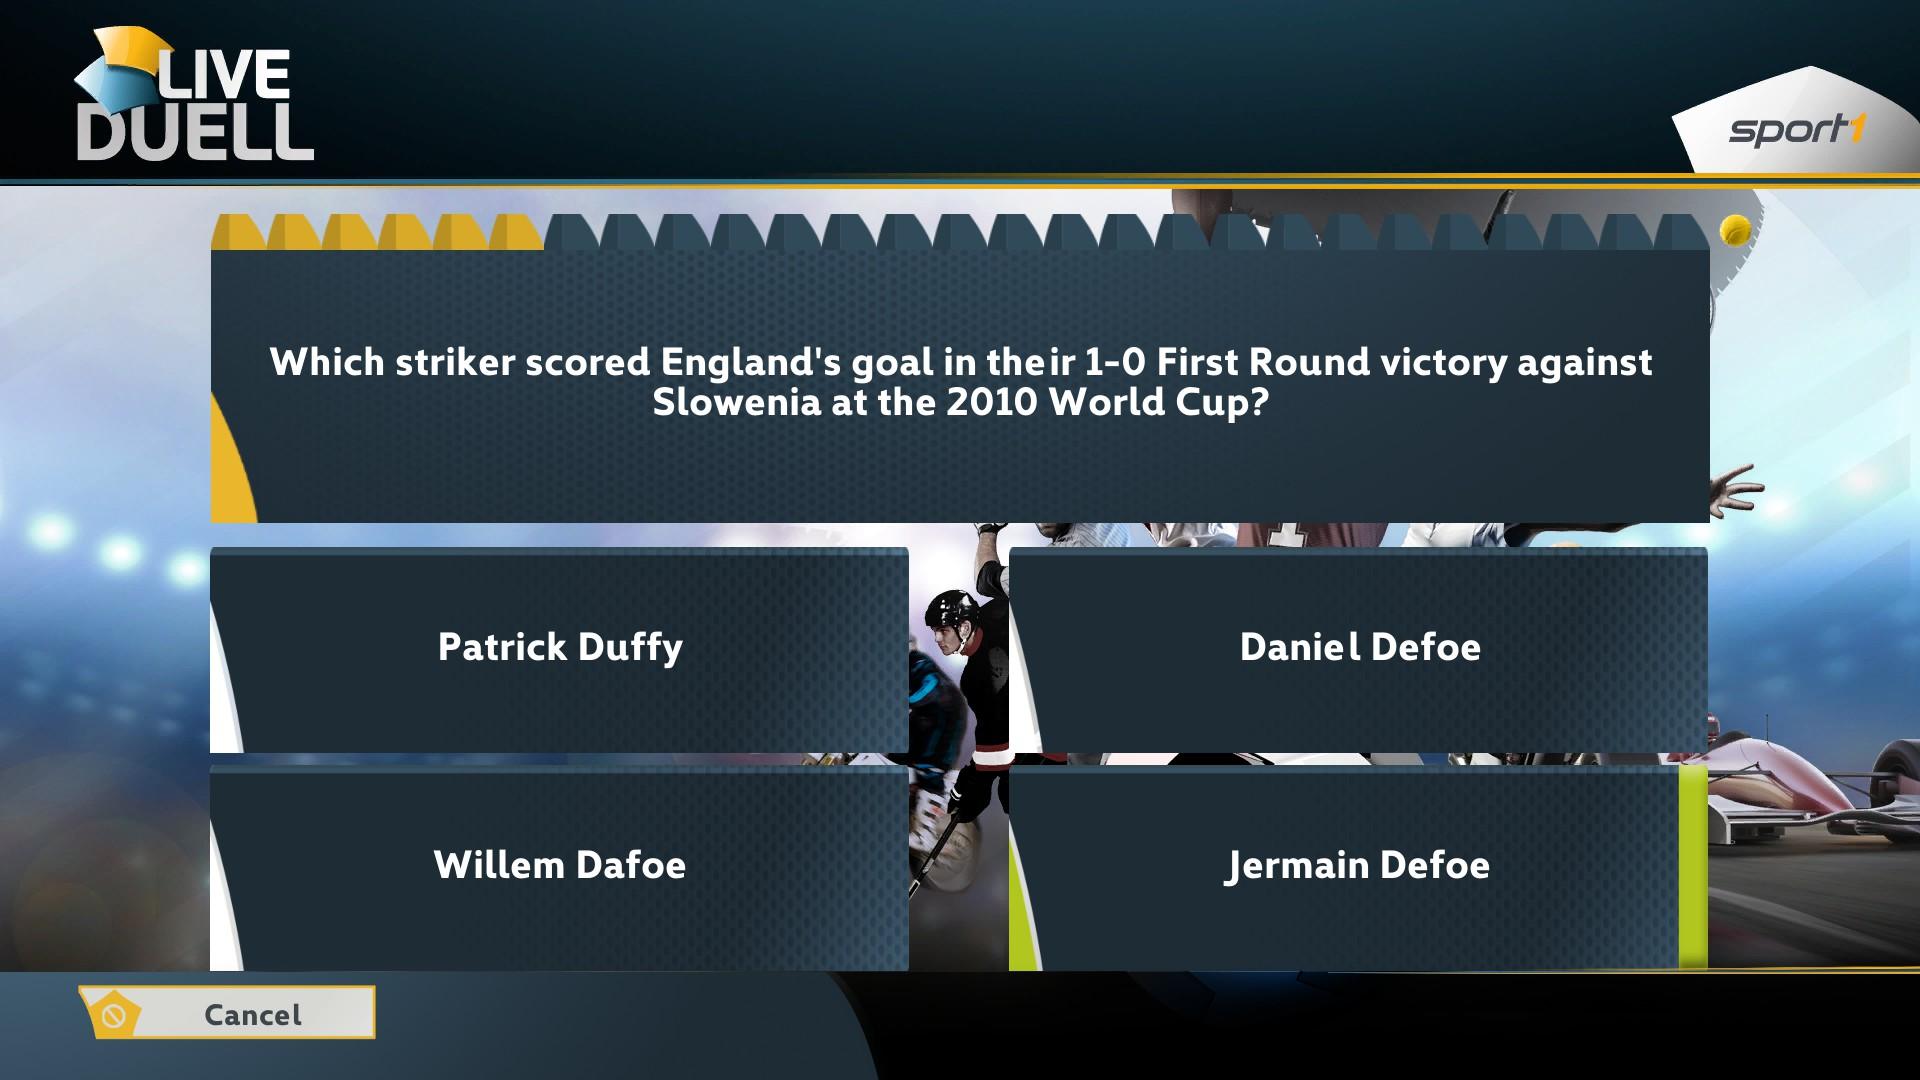 SPORT1 Live : Duel screenshot